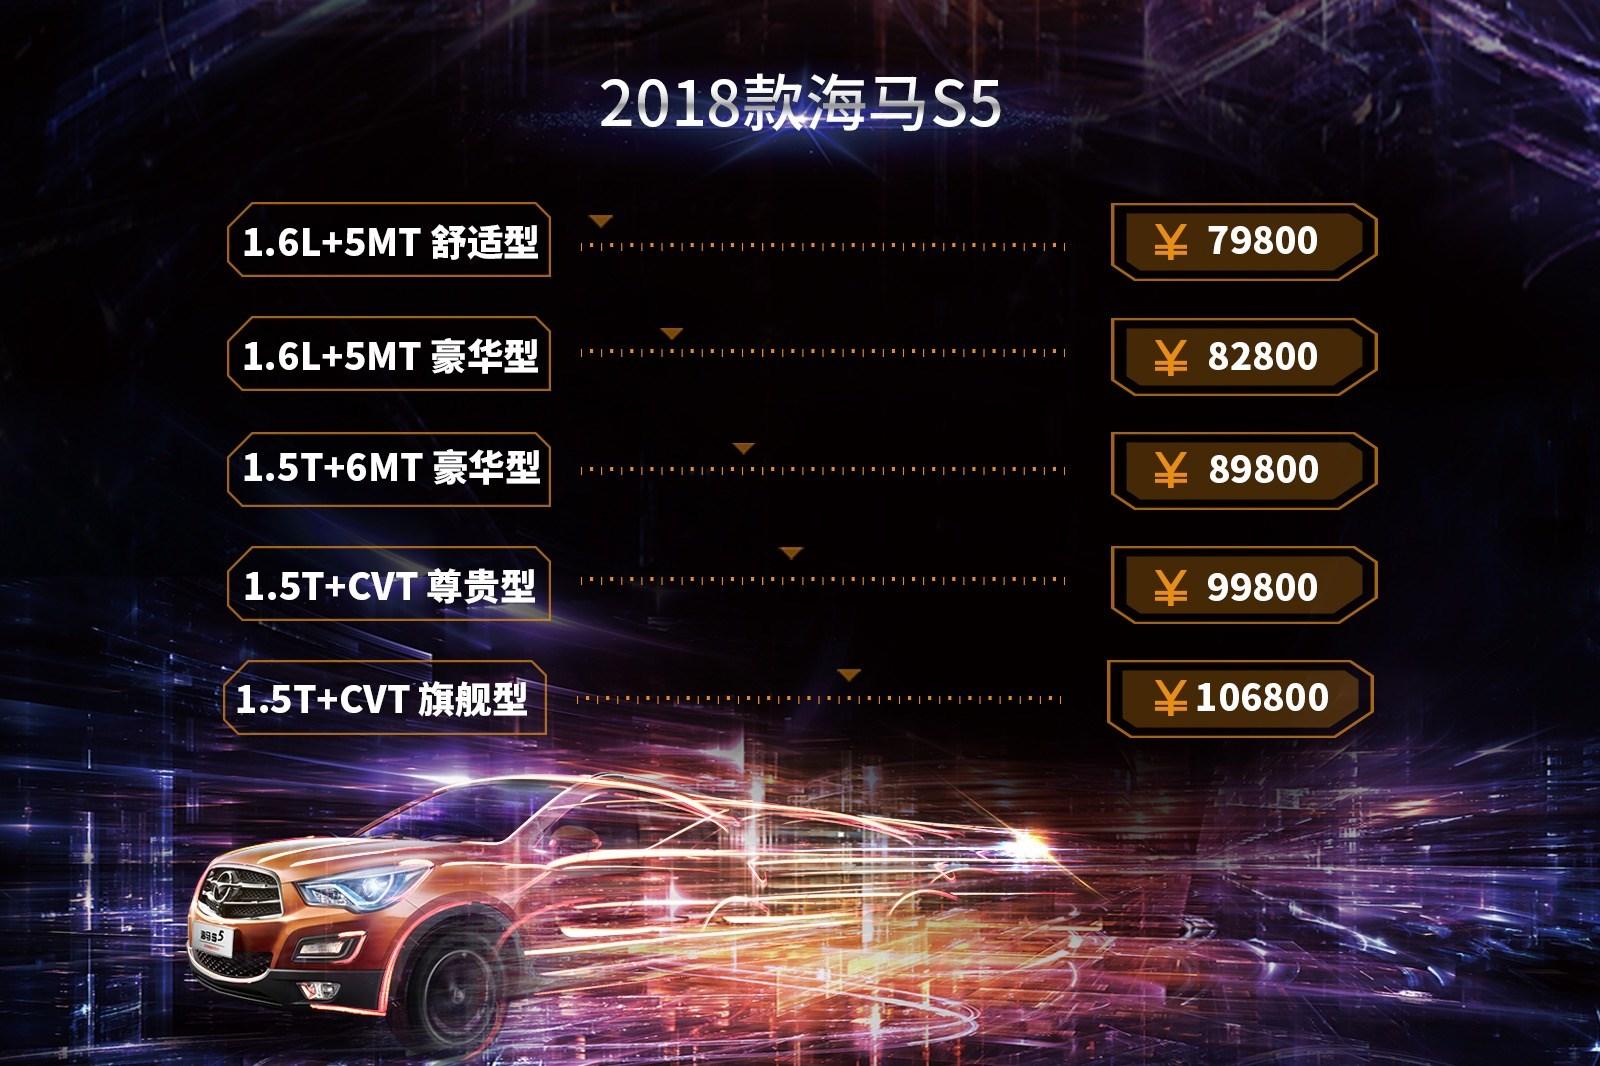 2018款海马S5虚拟上市 征战自主紧凑级SUV市场的诗与远方